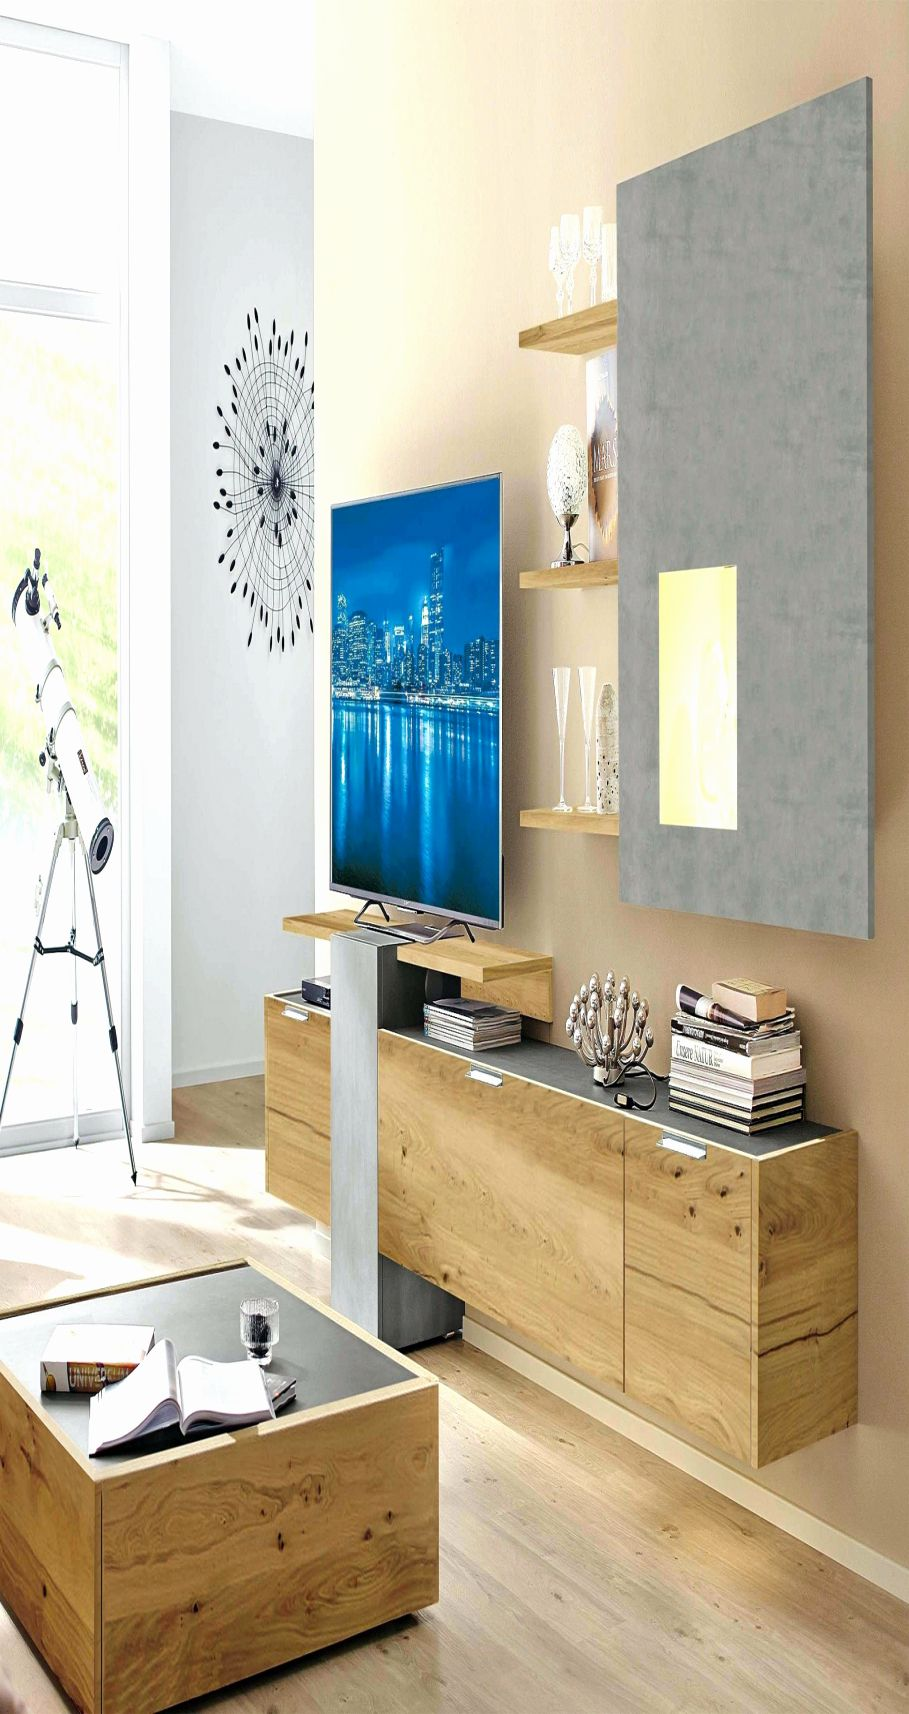 10 Ehrfurcht Ebay Kleinanzeigen Wohnzimmer  Small modern home